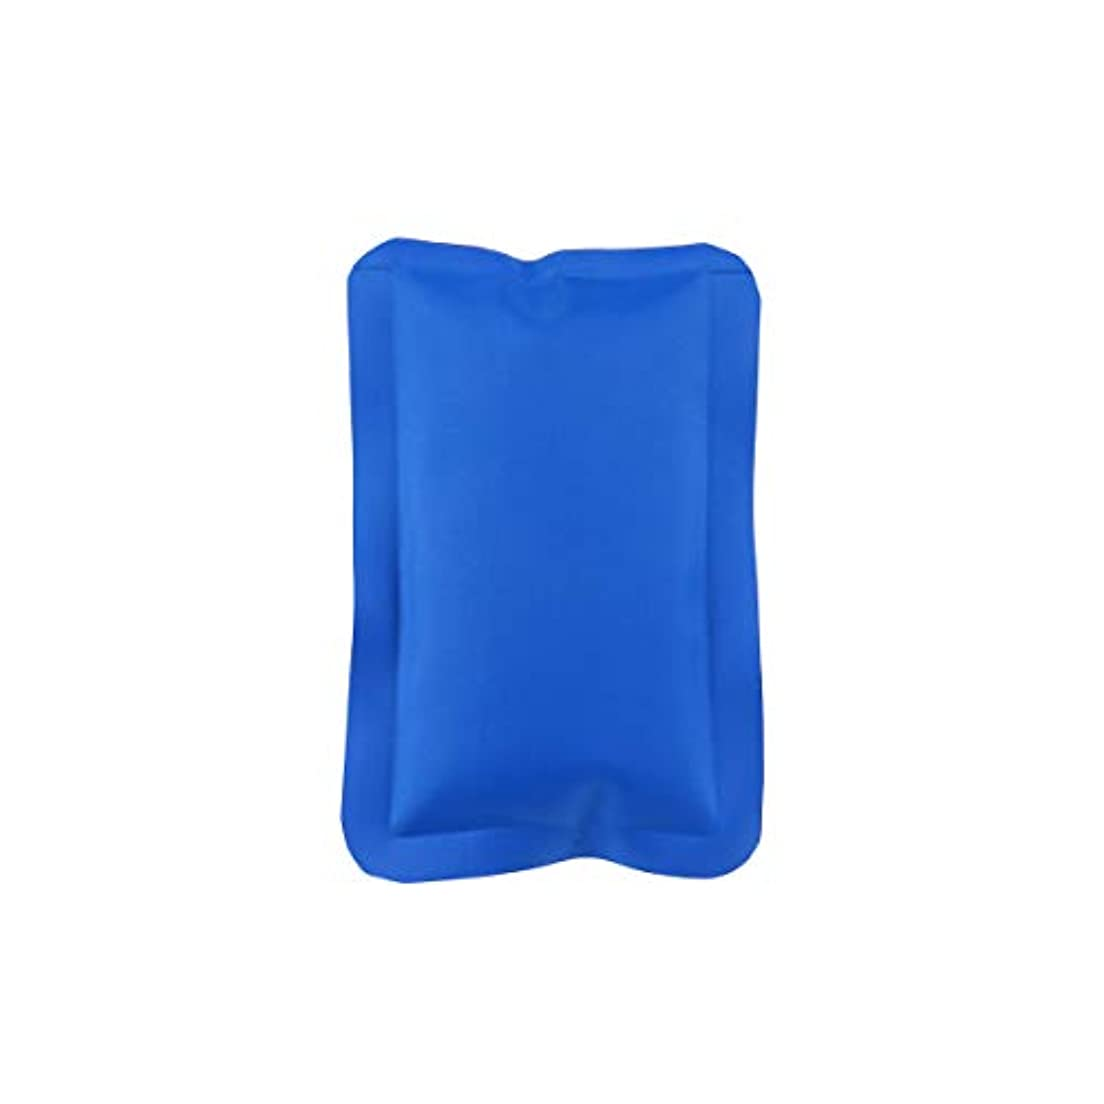 豊富な接尾辞土砂降りHEALLILY 150ML再利用可能なホット&コールドジェルパック(コンプレッションラップスポーツ傷害)ジェルアイスパック多目的ヒートパック(マッスルリリーフ用、16x10x1cm、ブルー)